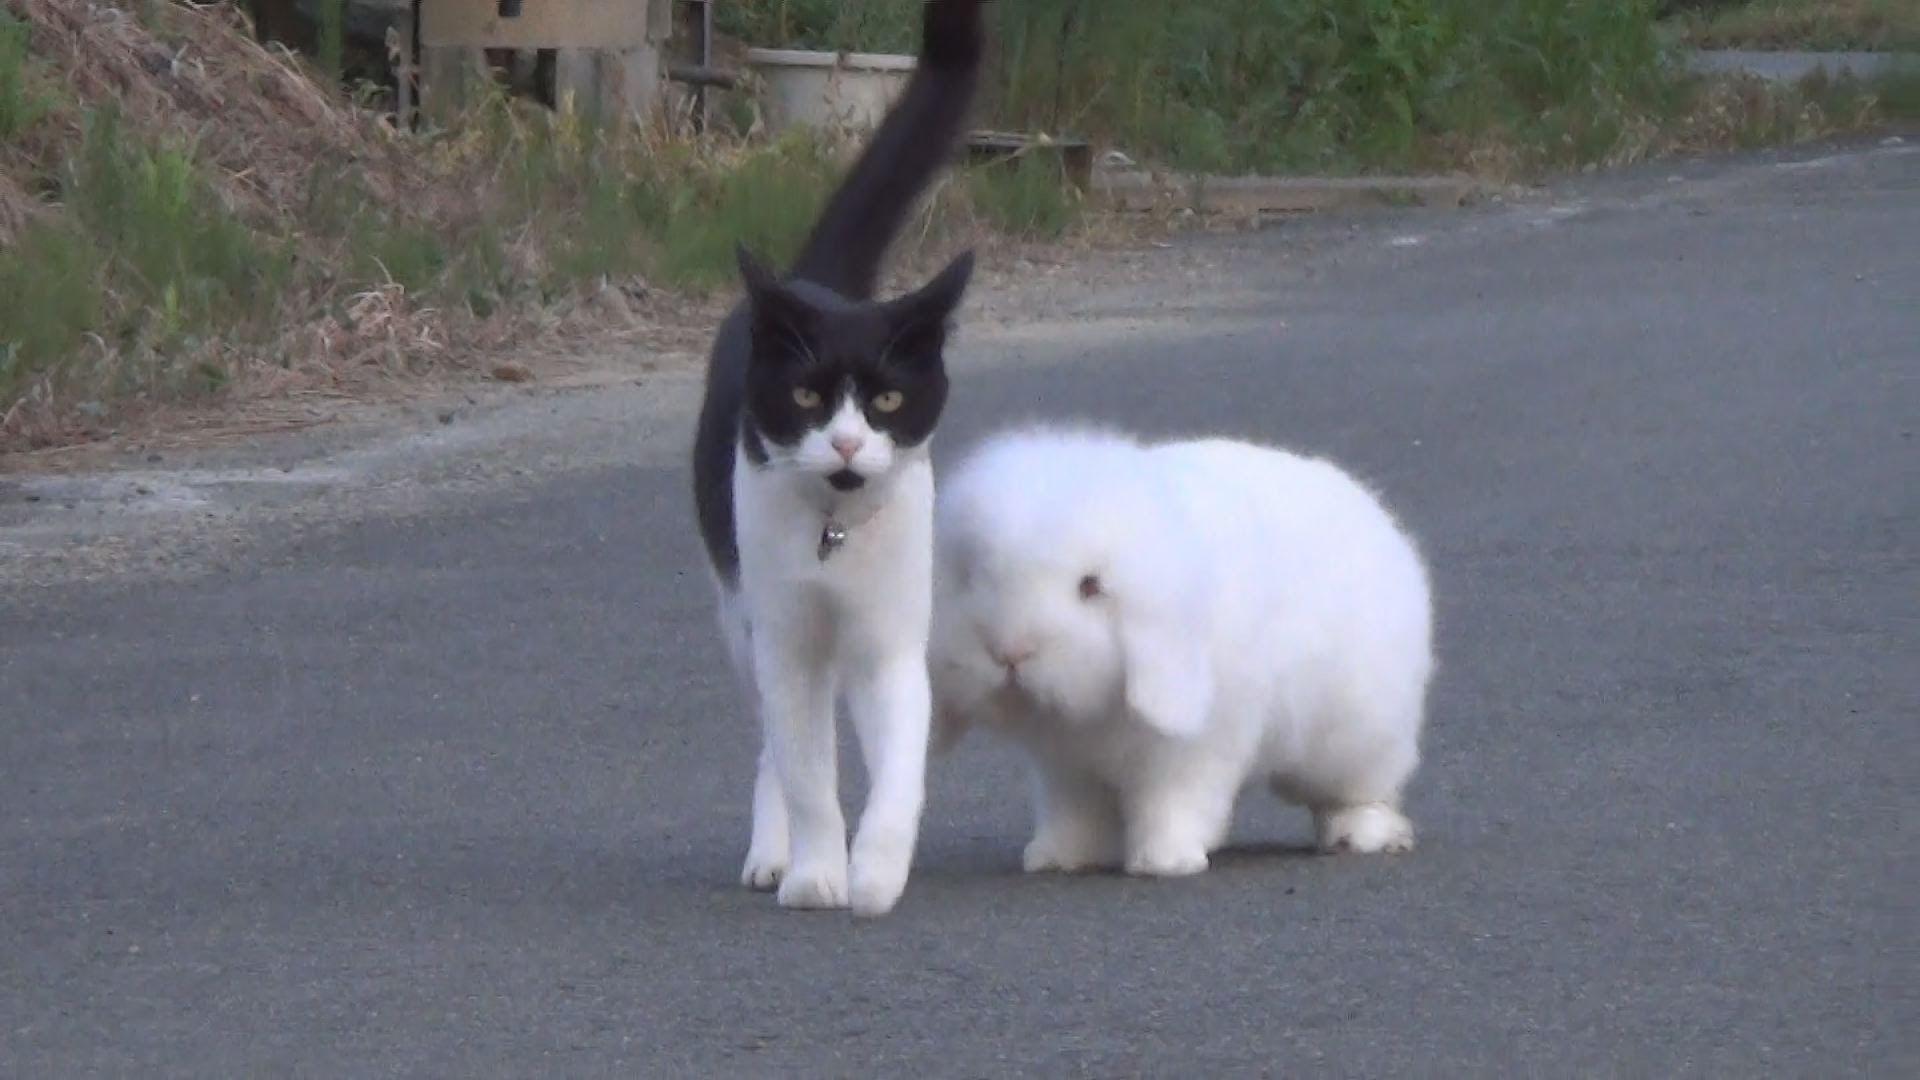 「まるできょうだい」 猫とウサギ一緒に散歩